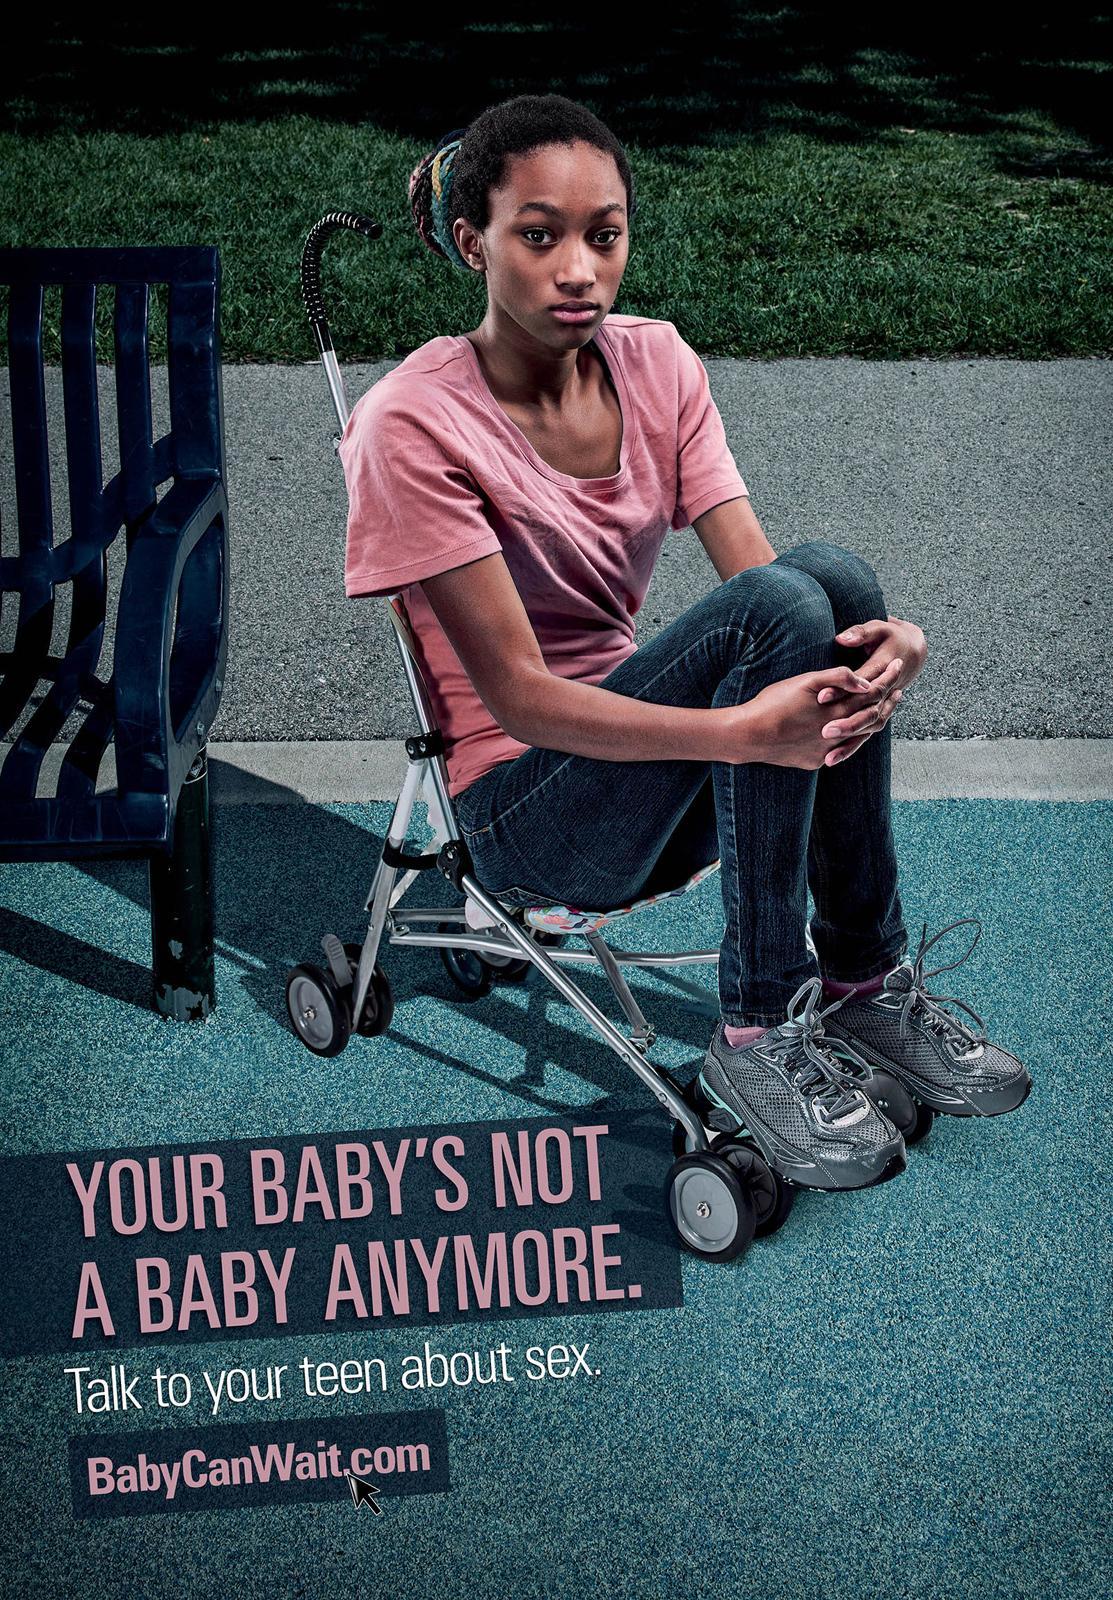 babycanwait.com Outdoor Ad -  Teen Baby, 3